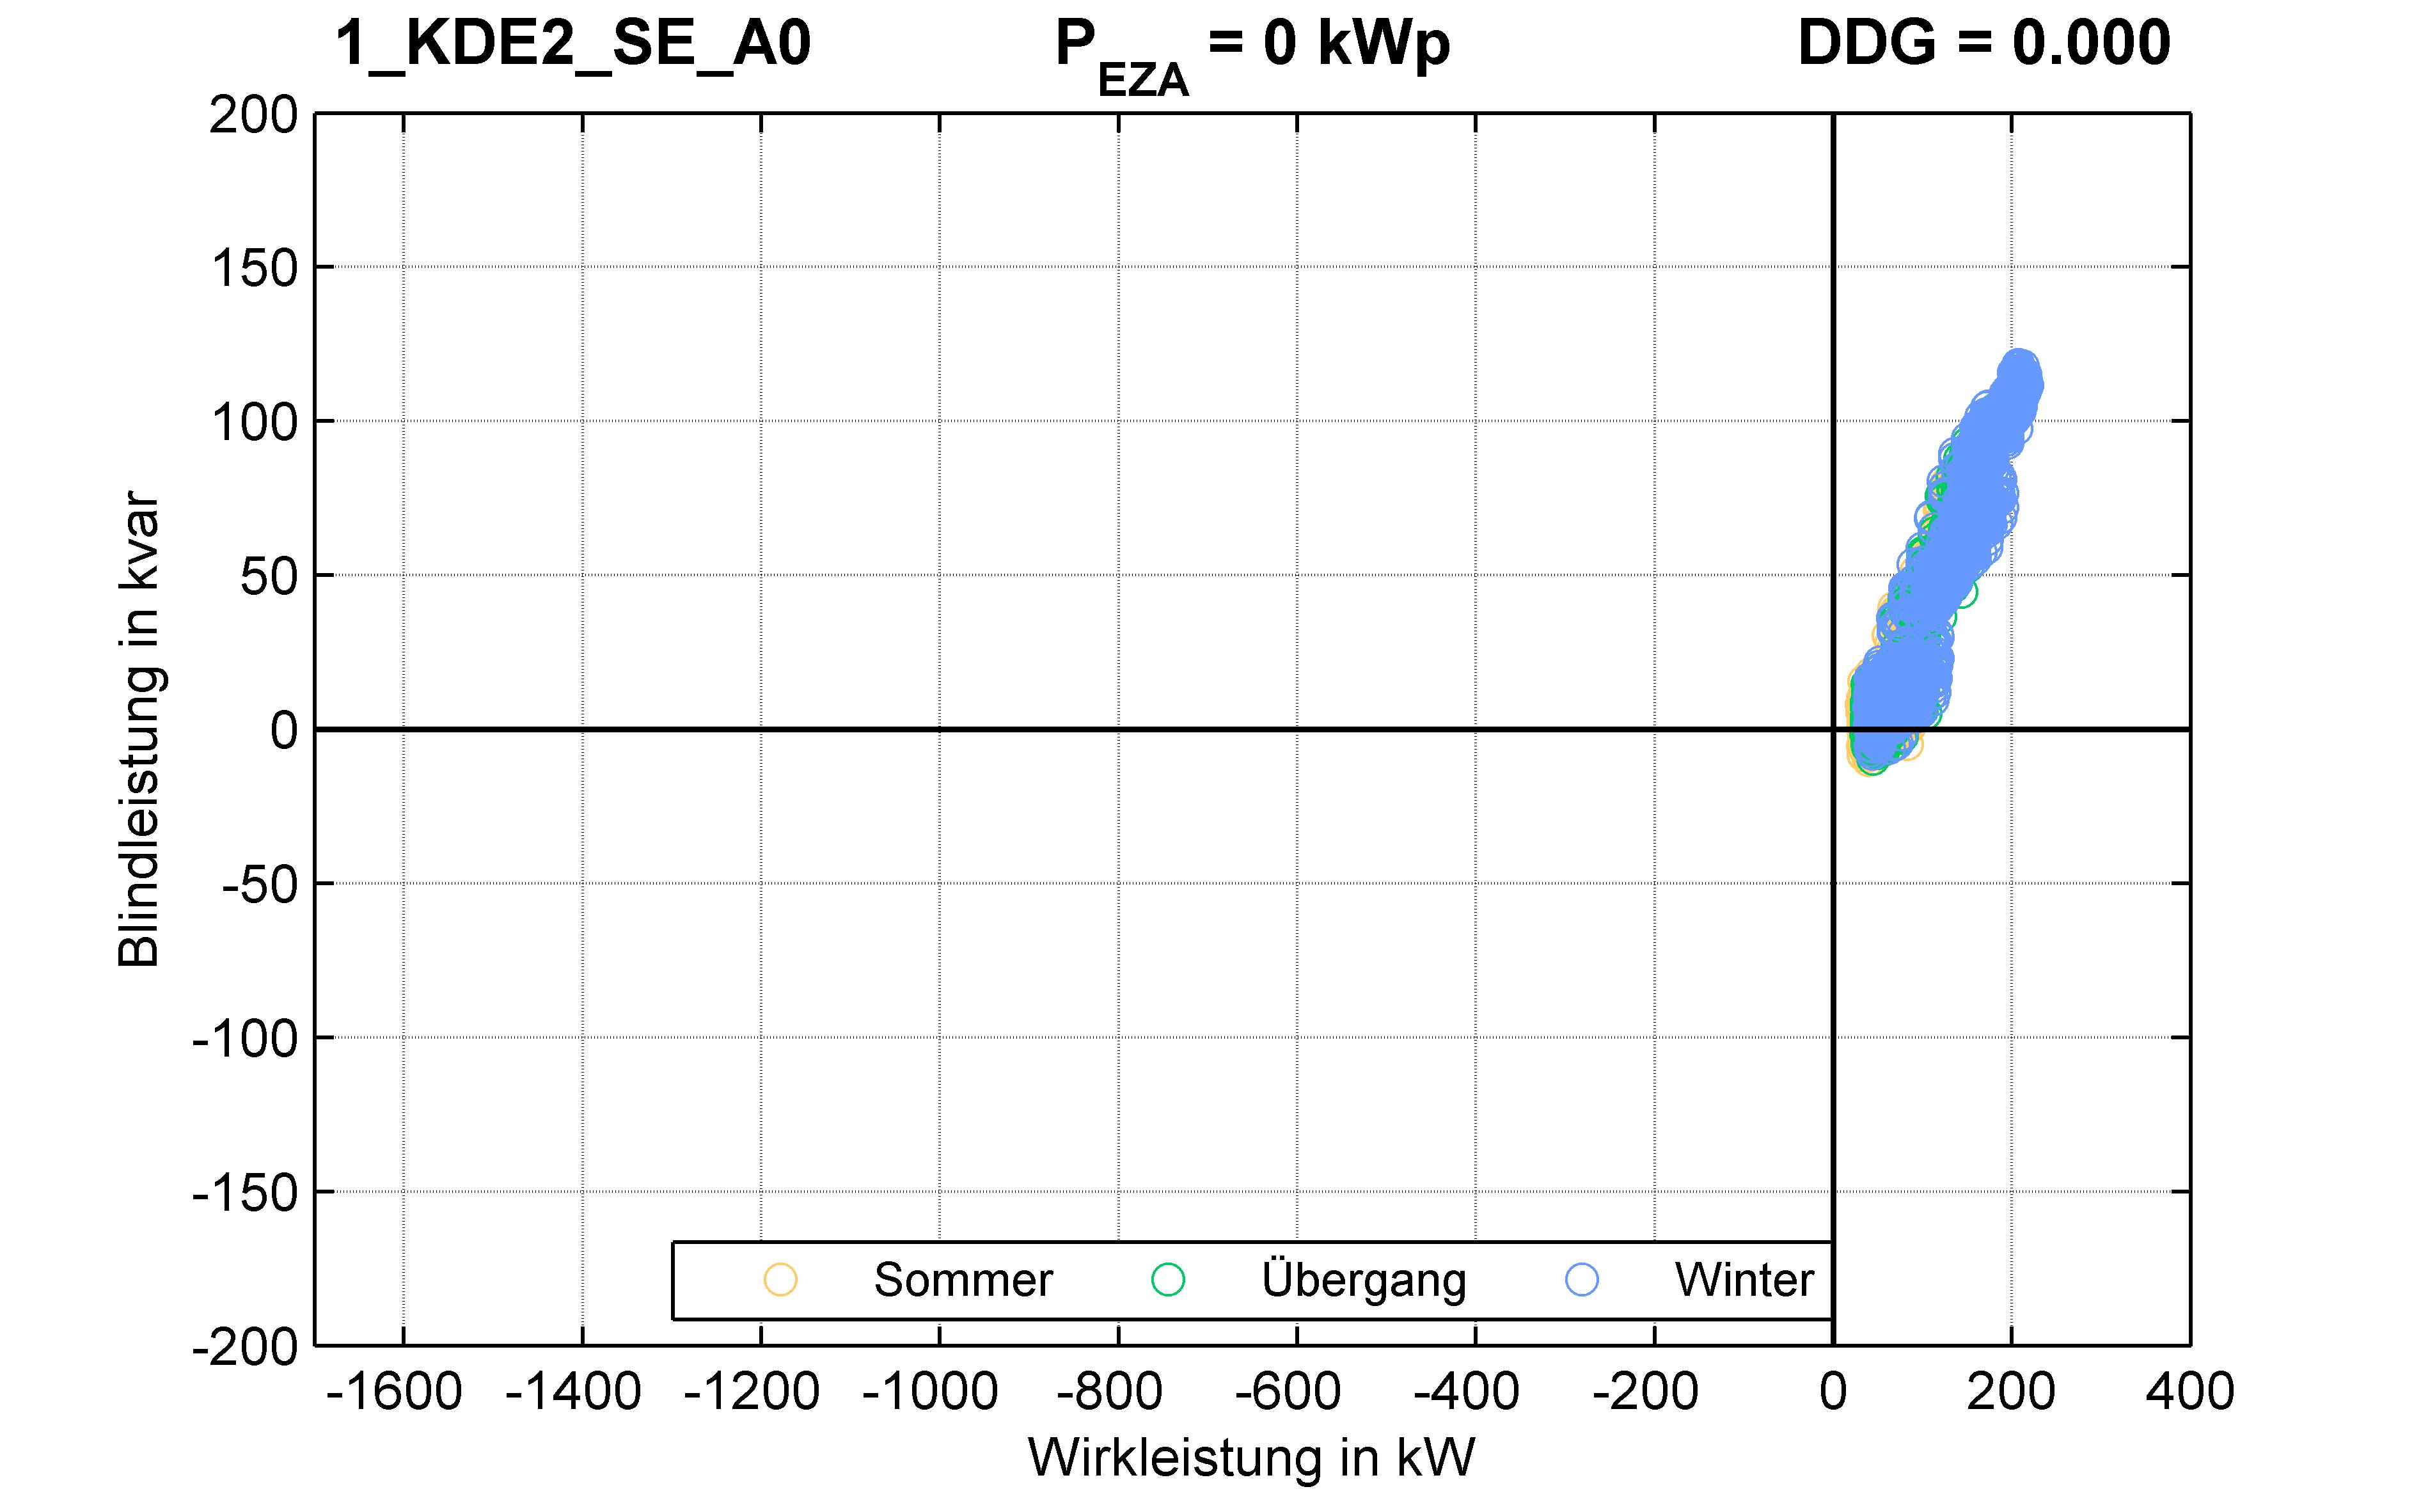 KDE2 | KABEL (SE) A0 | PQ-Verhalten